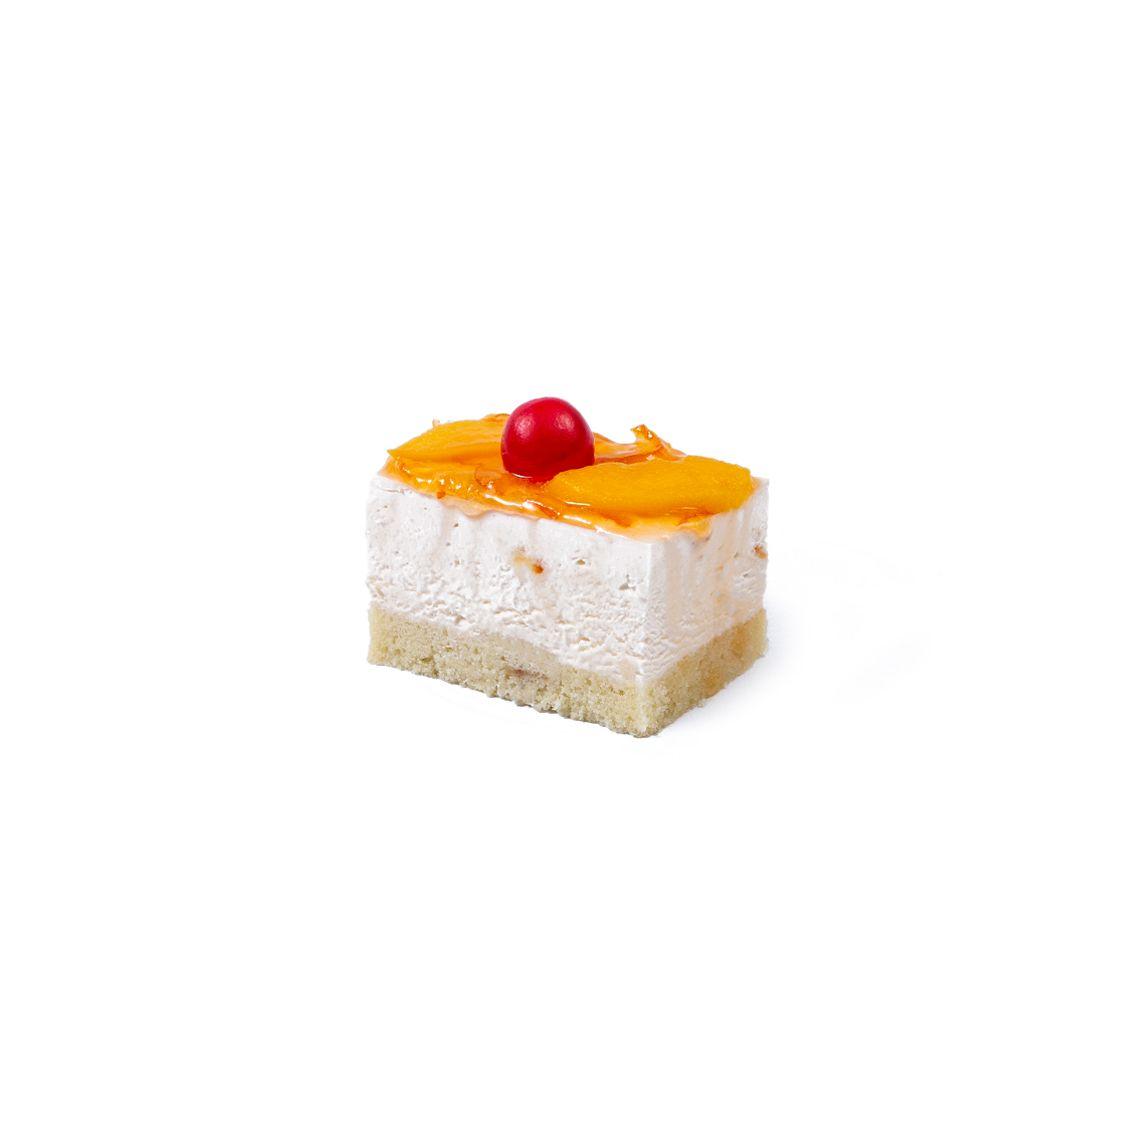 Kitchen Cuisine Default Category Peach Orange Mousse Pastry